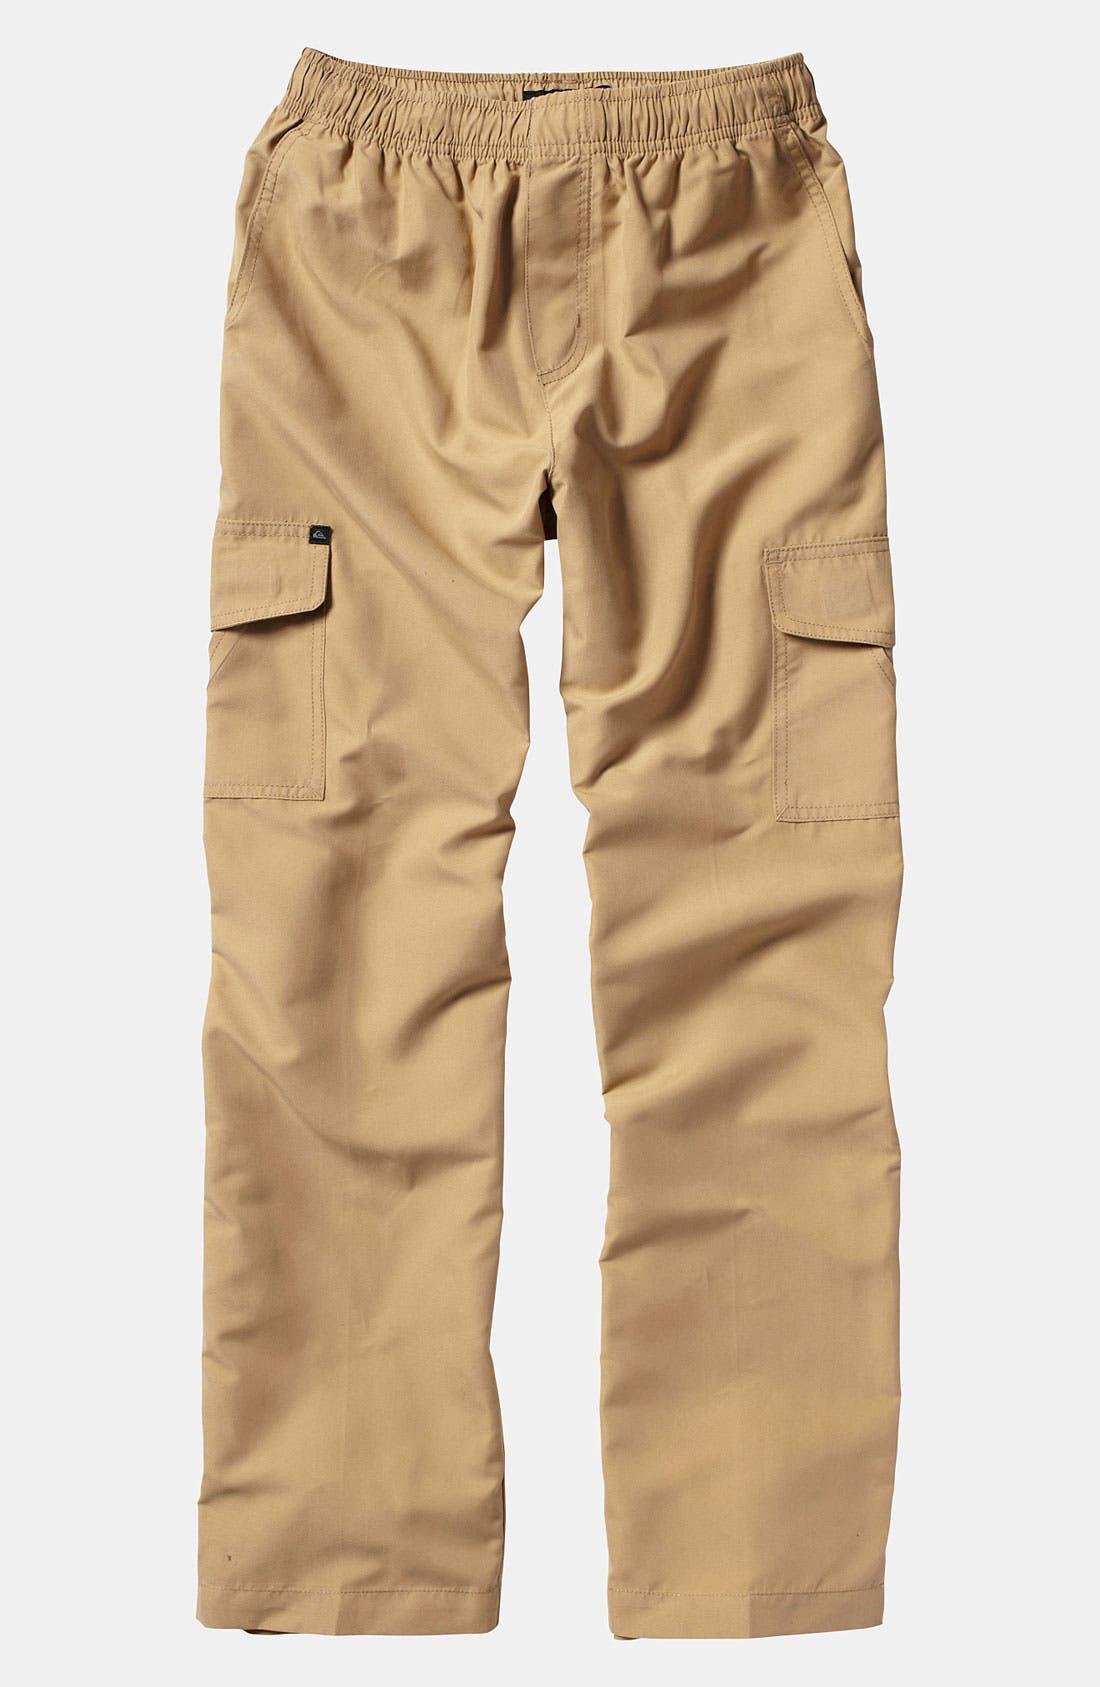 Main Image - Quiksilver 'Kamotion' Pants (Big Boys)